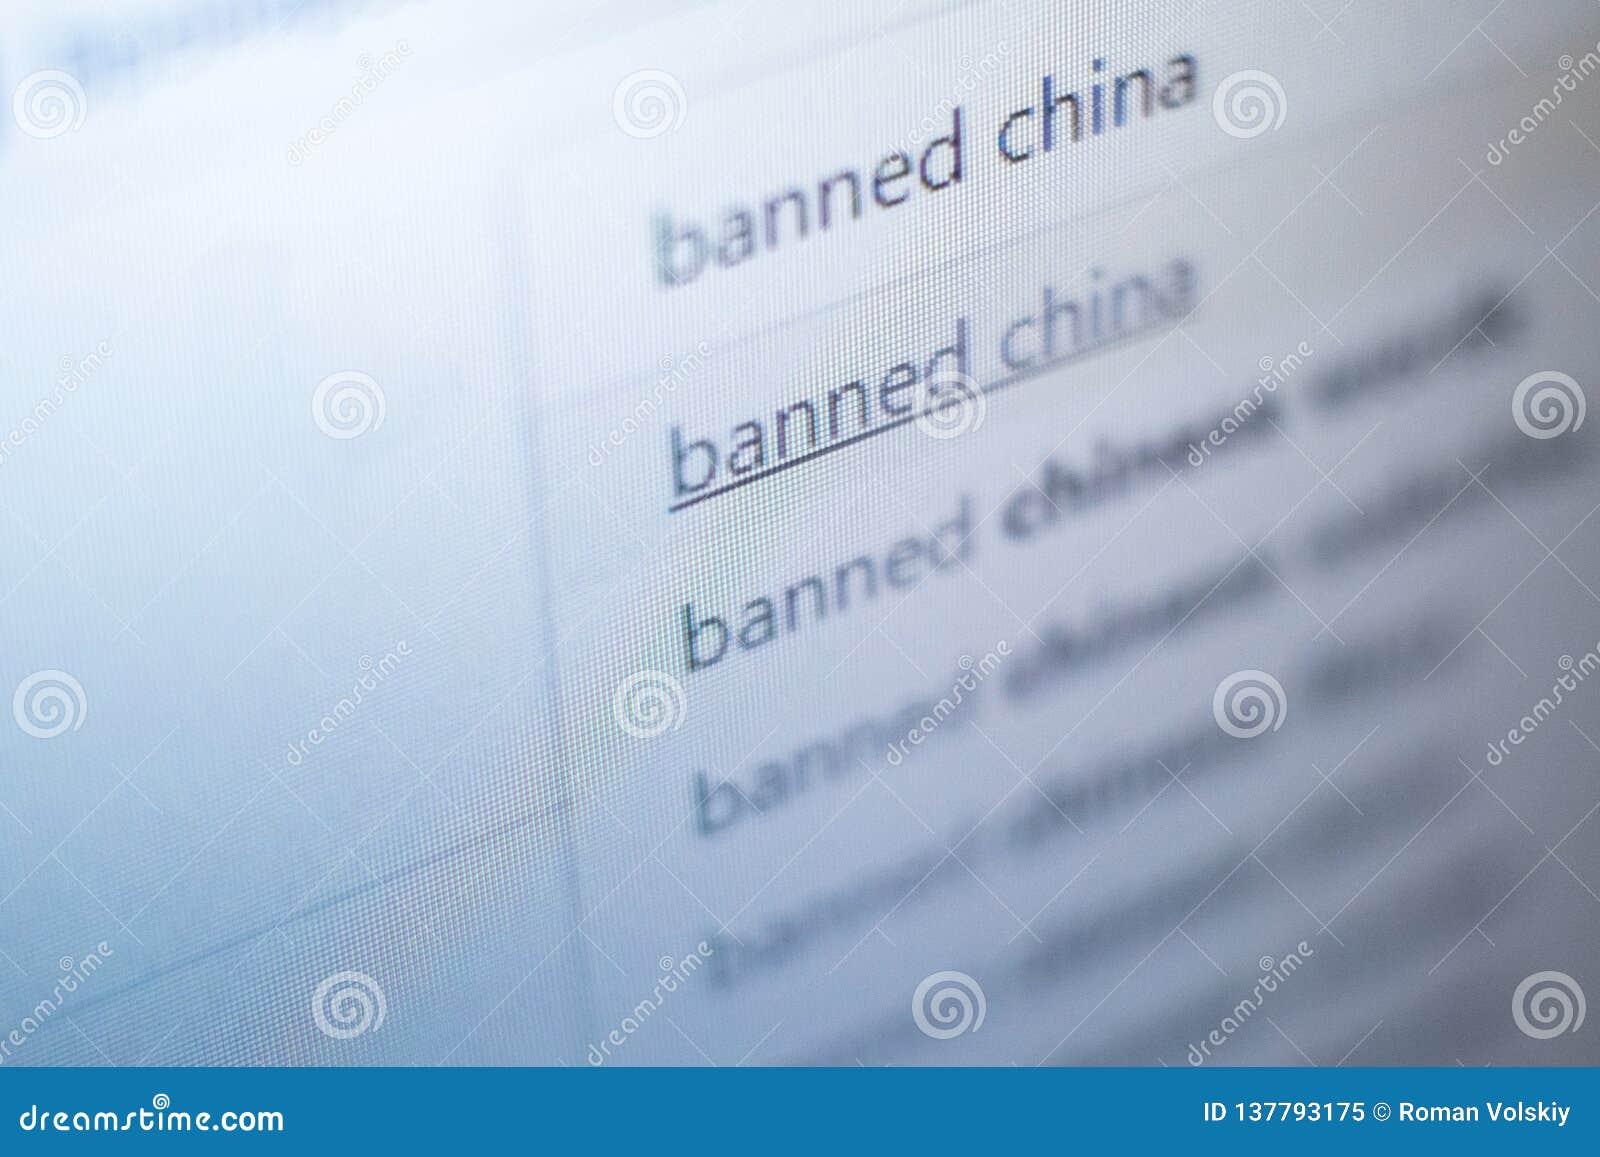 Запрещенный Китай - надпись на экране монитора Запрос поиска на месте Концепция международных санкций